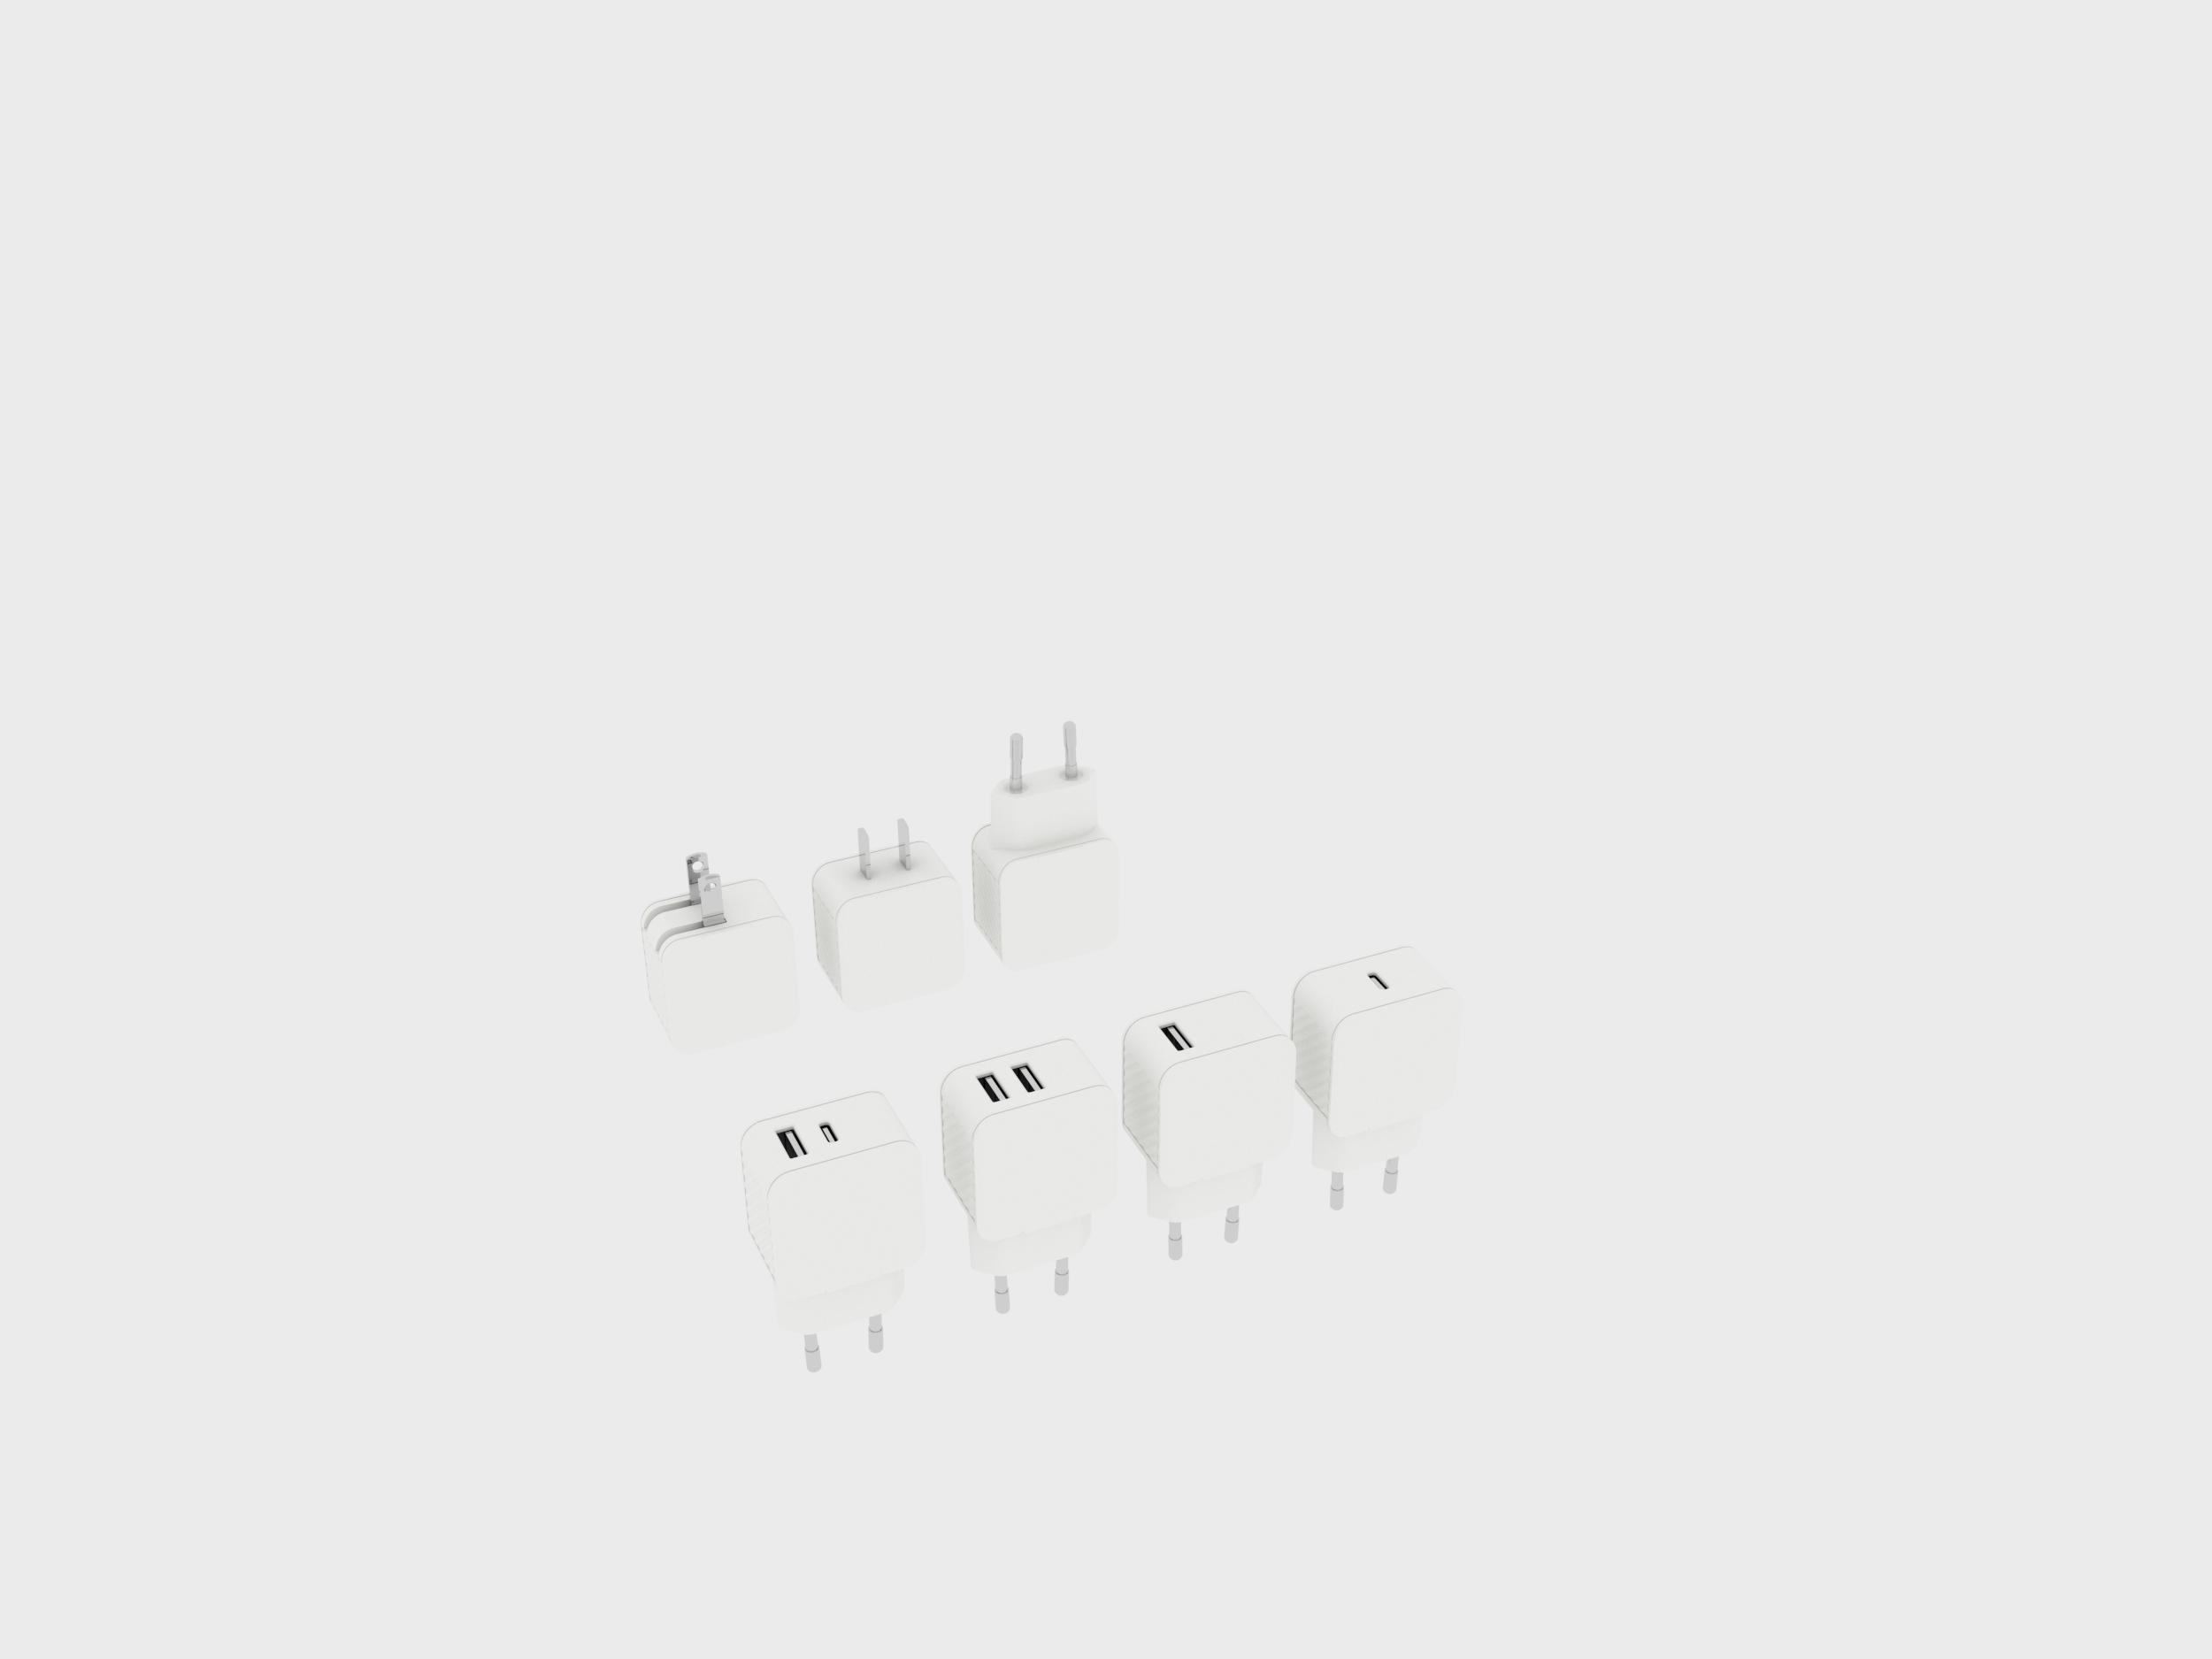 奥美丽创新设计制造5G智能电源插座系统